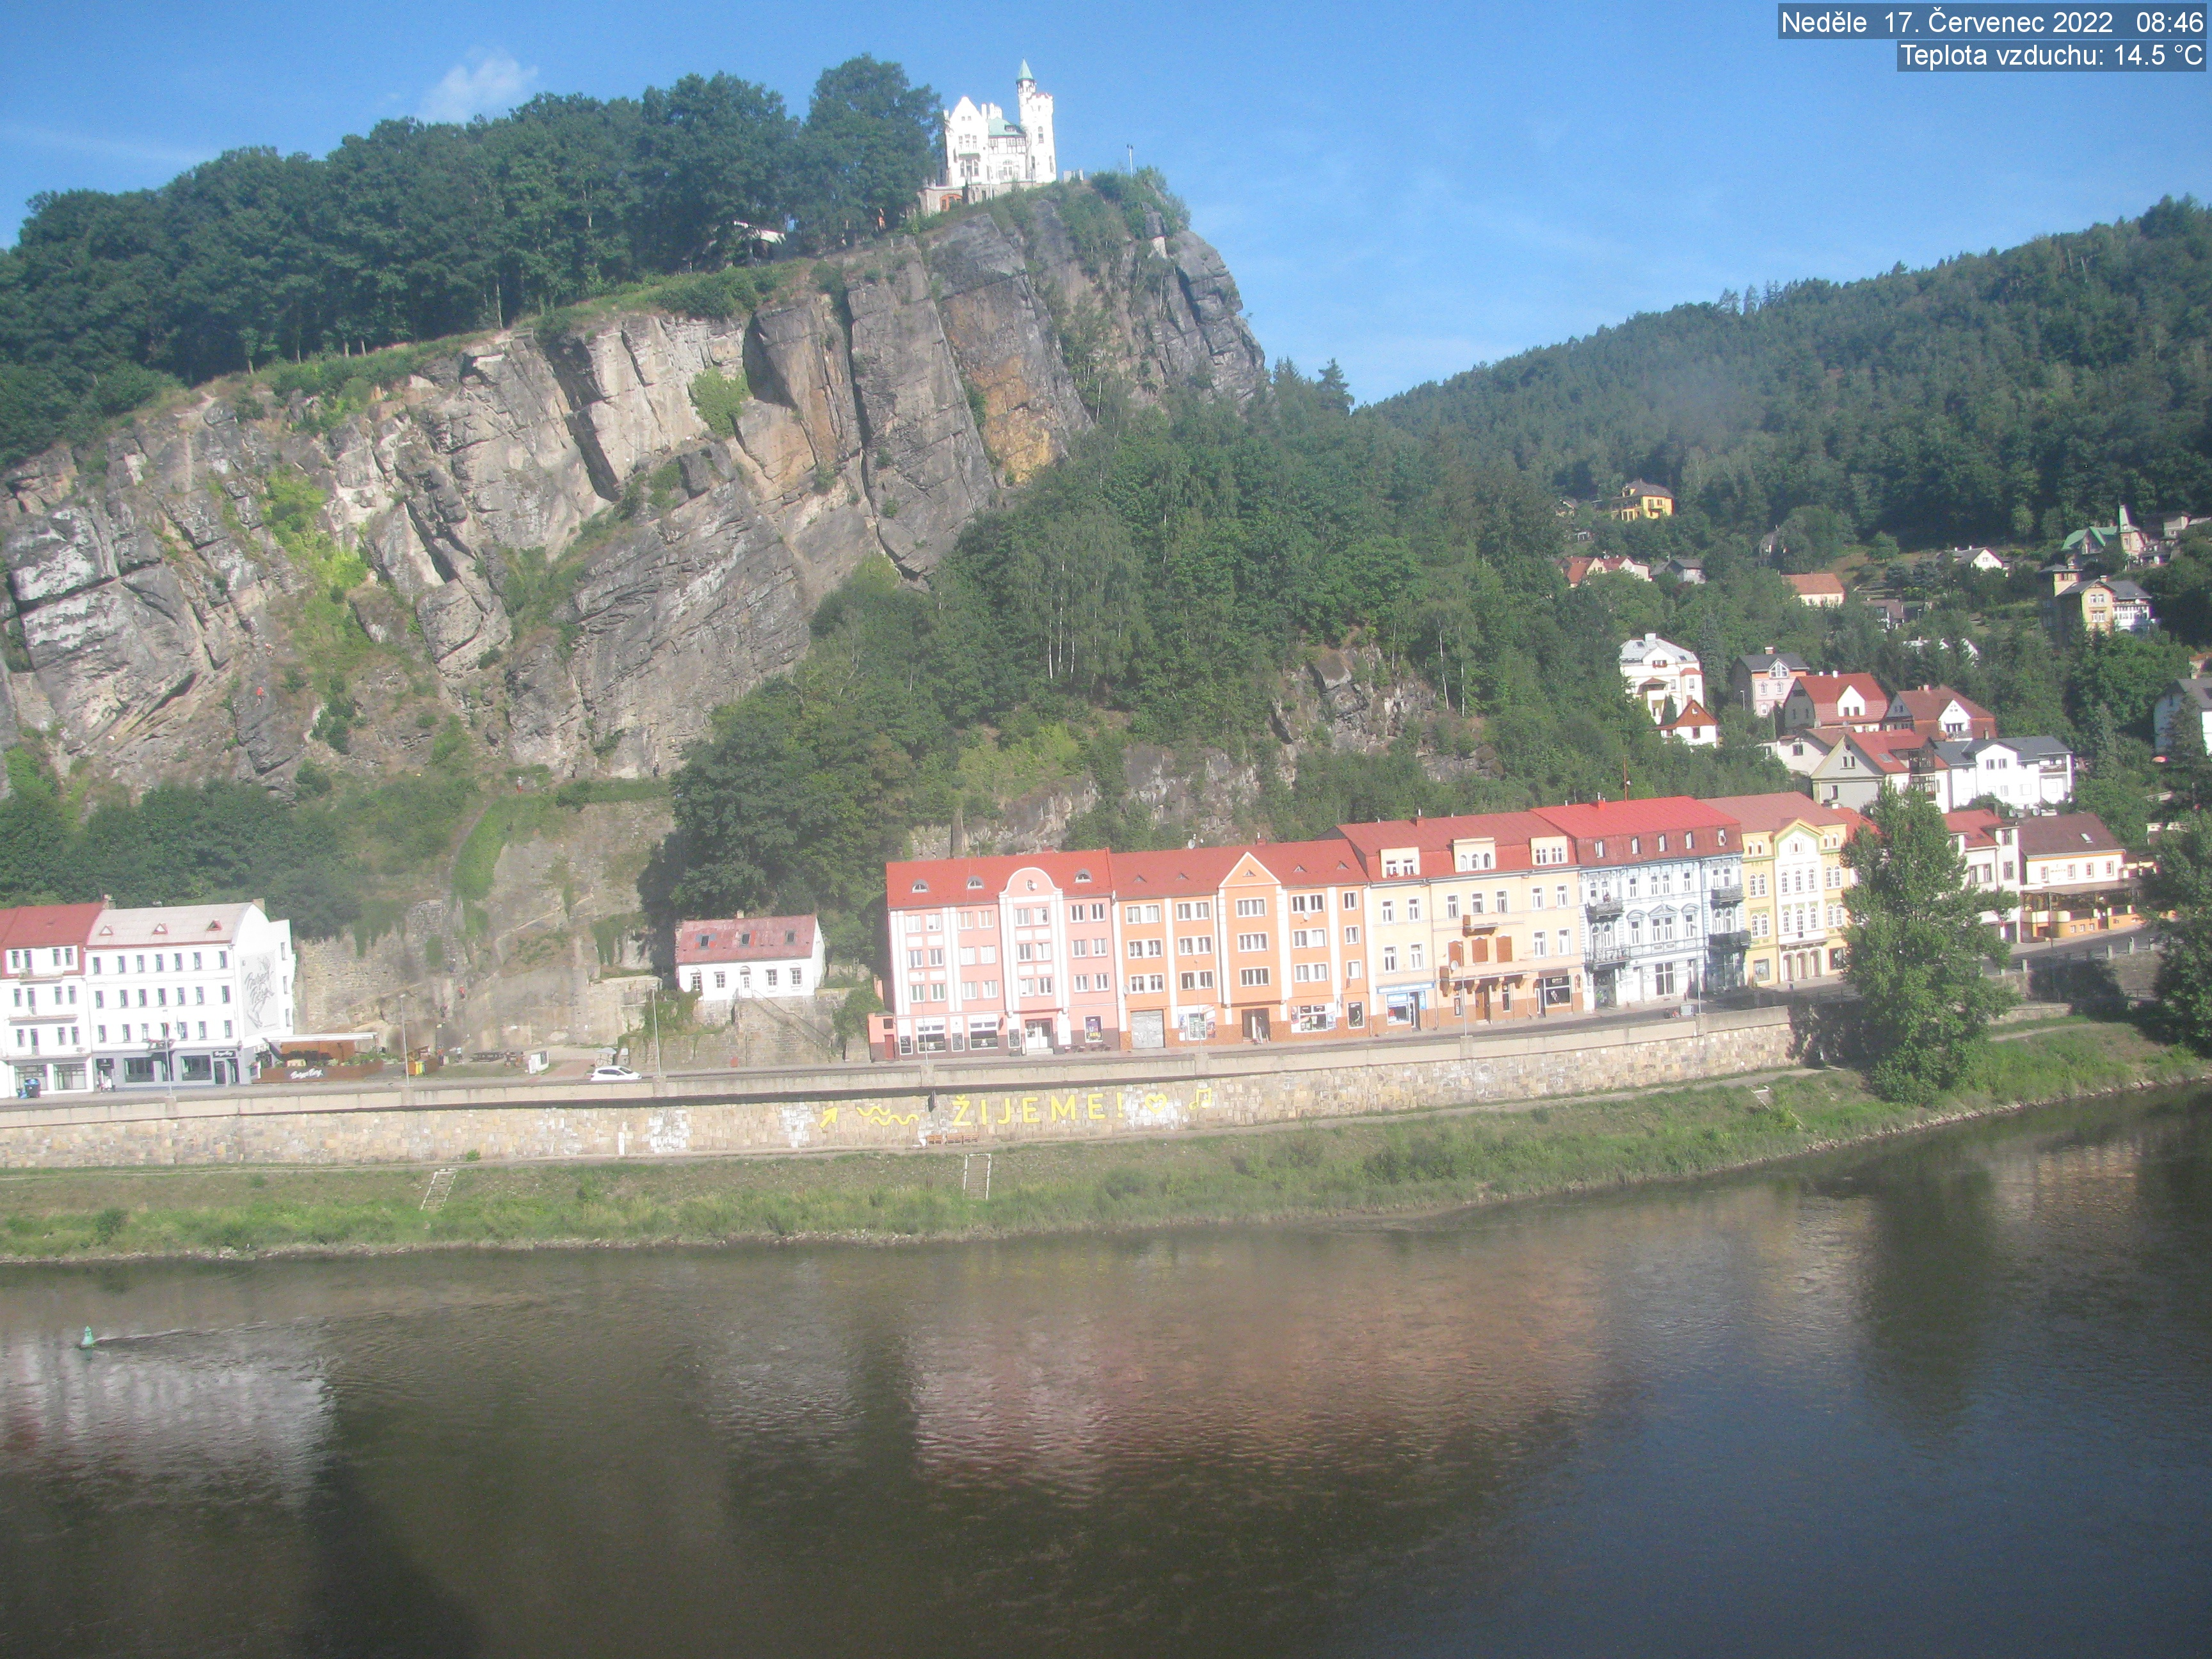 zdroj: http://mmdecin.jaw.cz/